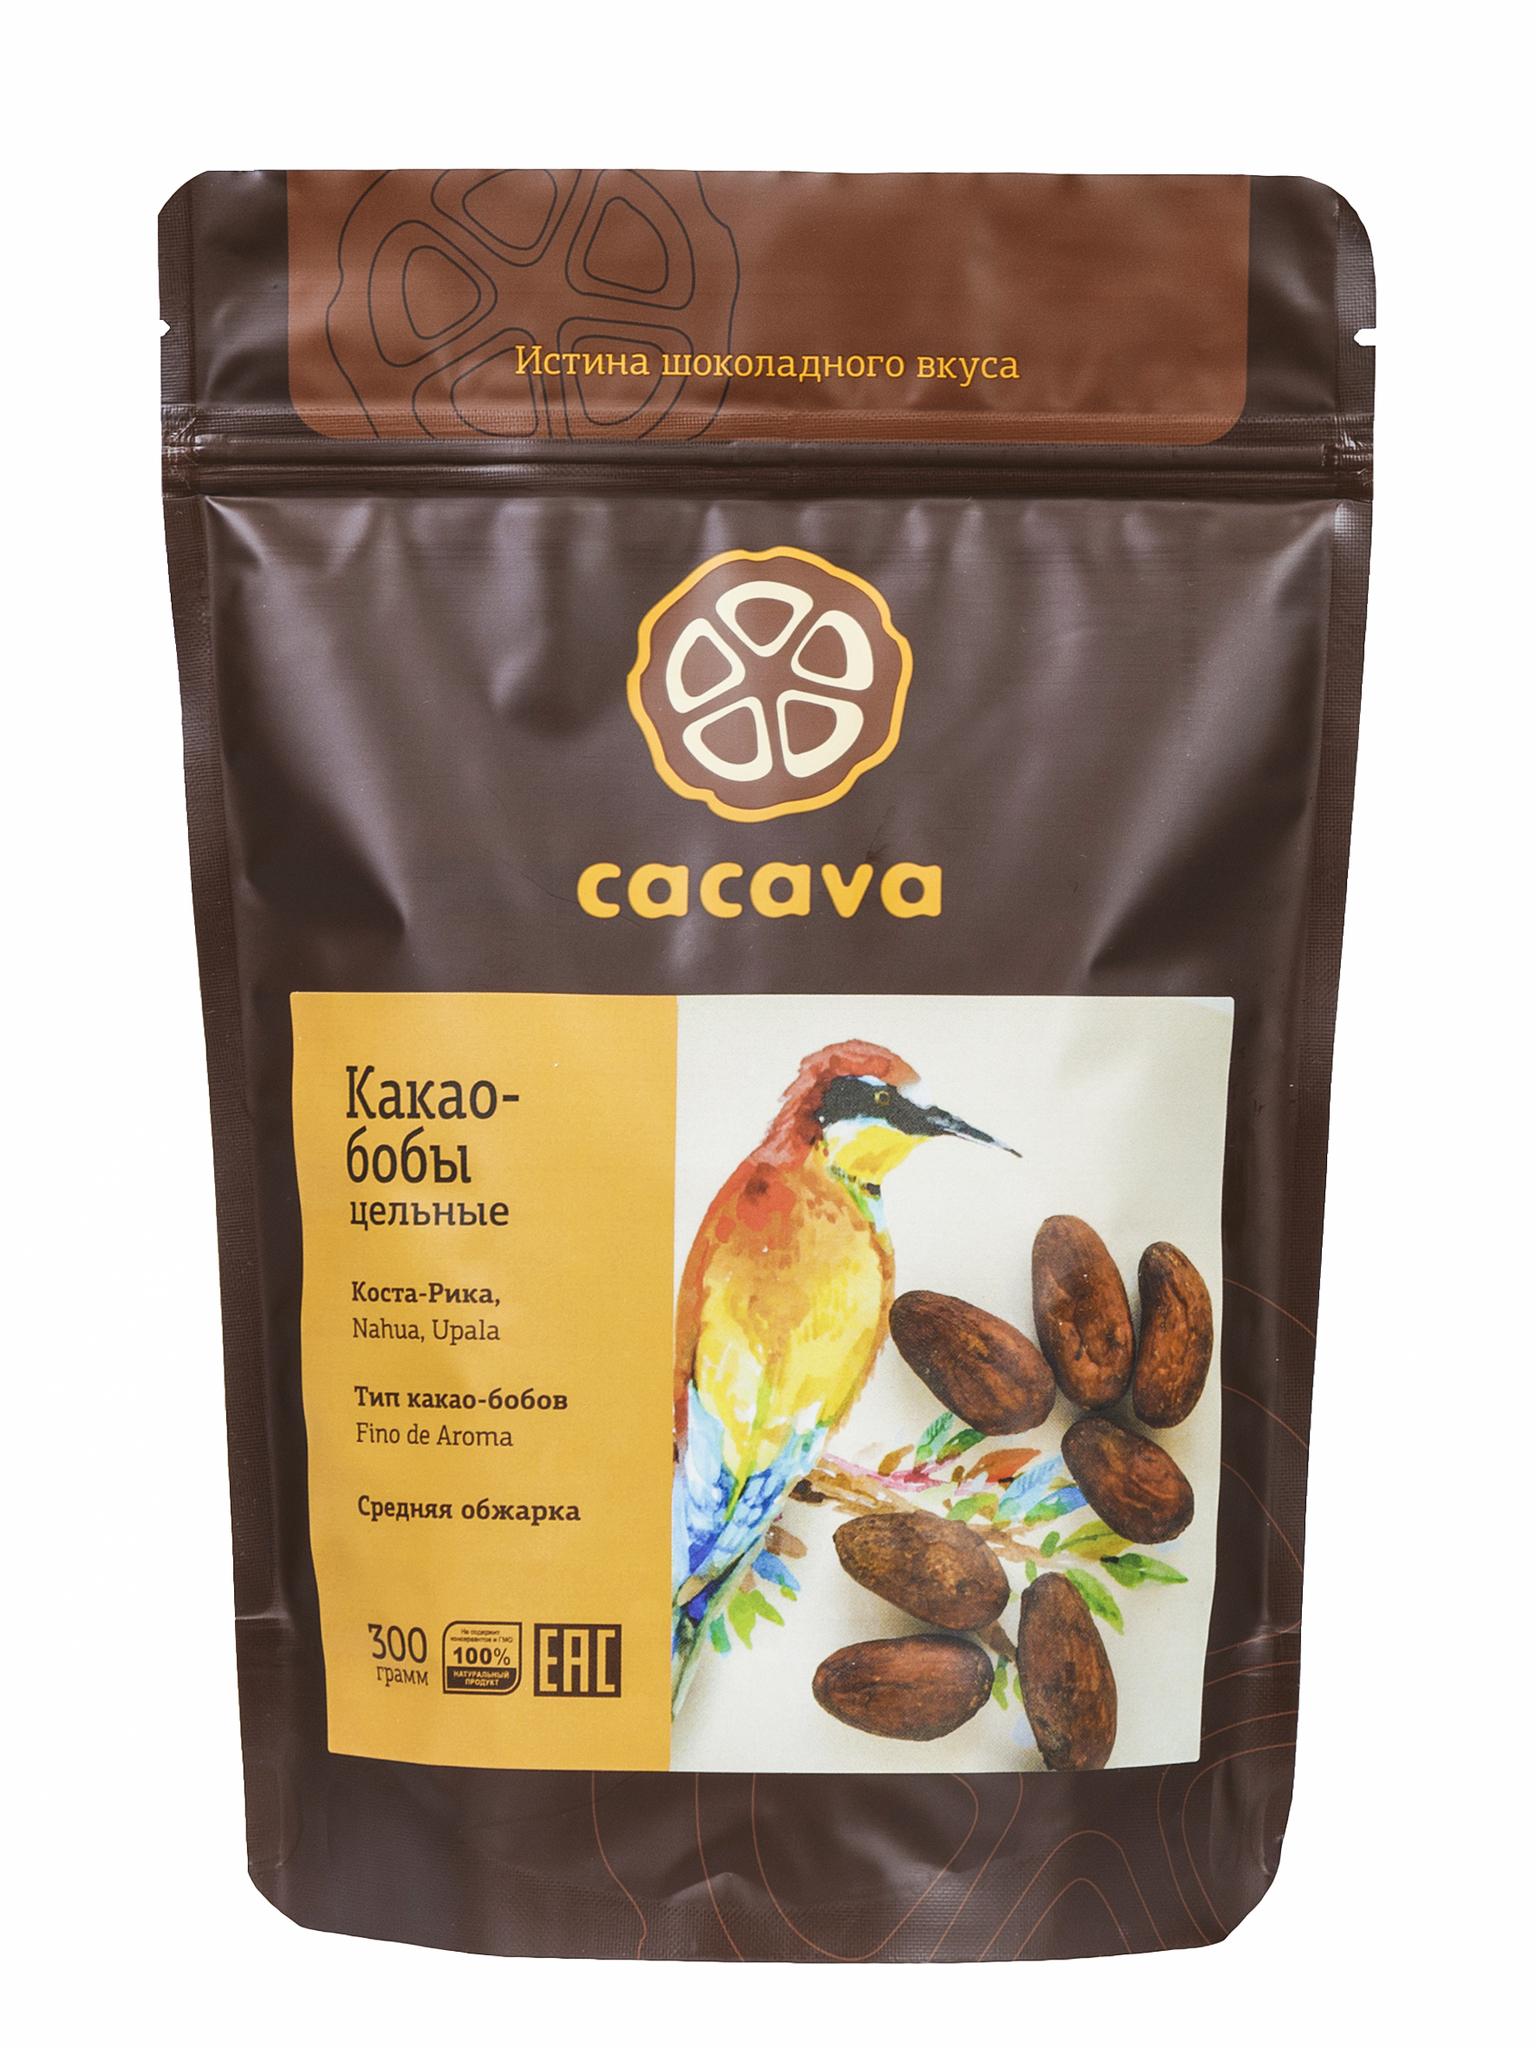 Какао-бобы цельные (Коста-Рика), упаковка 300 грамм